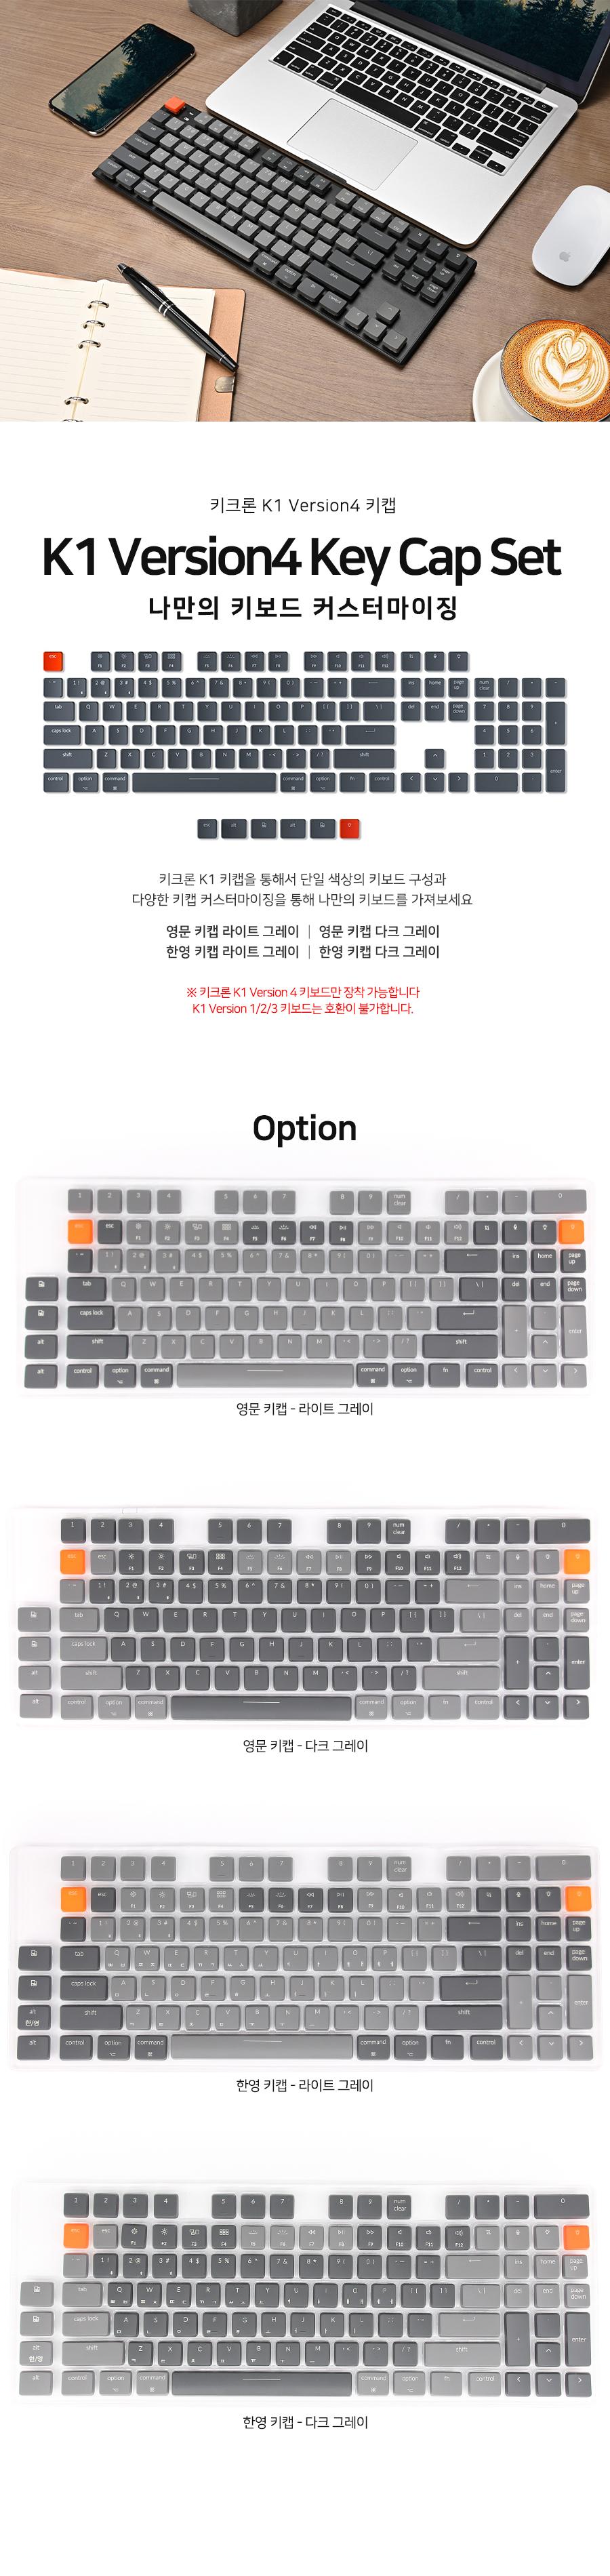 Keychron K1 V4용 키캡 영문 (라이트 그레이)